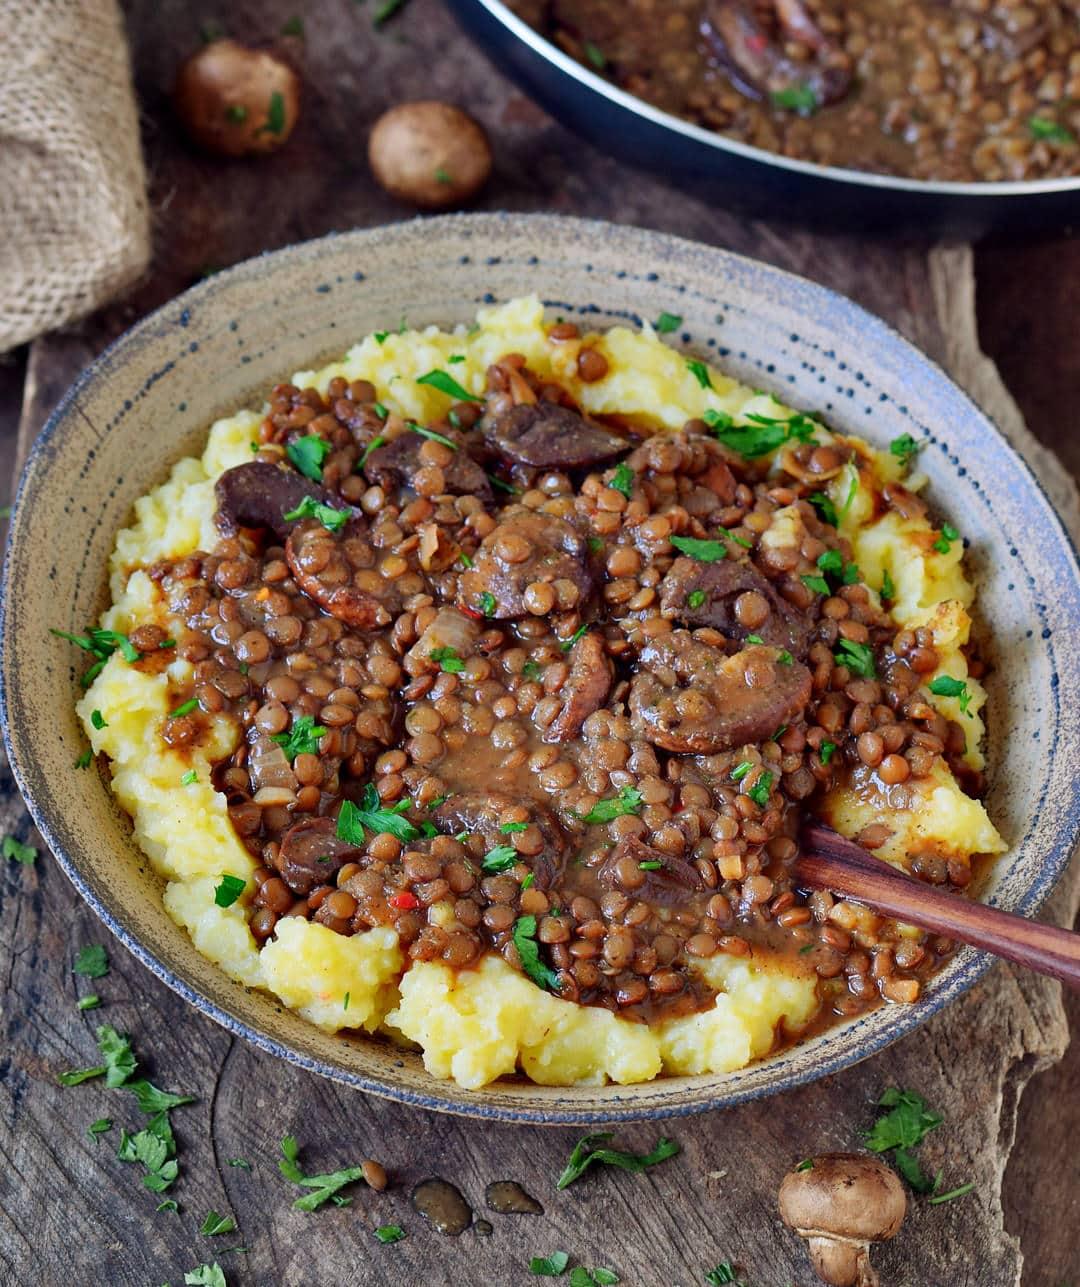 Linsenpfanne mit Kartoffelpüree. Dieses Rezept ist vegan, glutenfrei und getreidefrei und ein super Komfortessen. Du kannst dein Lieblingsgemüse dazugeben und dieses Gericht zum Mittag- oder Abendessen genießen.